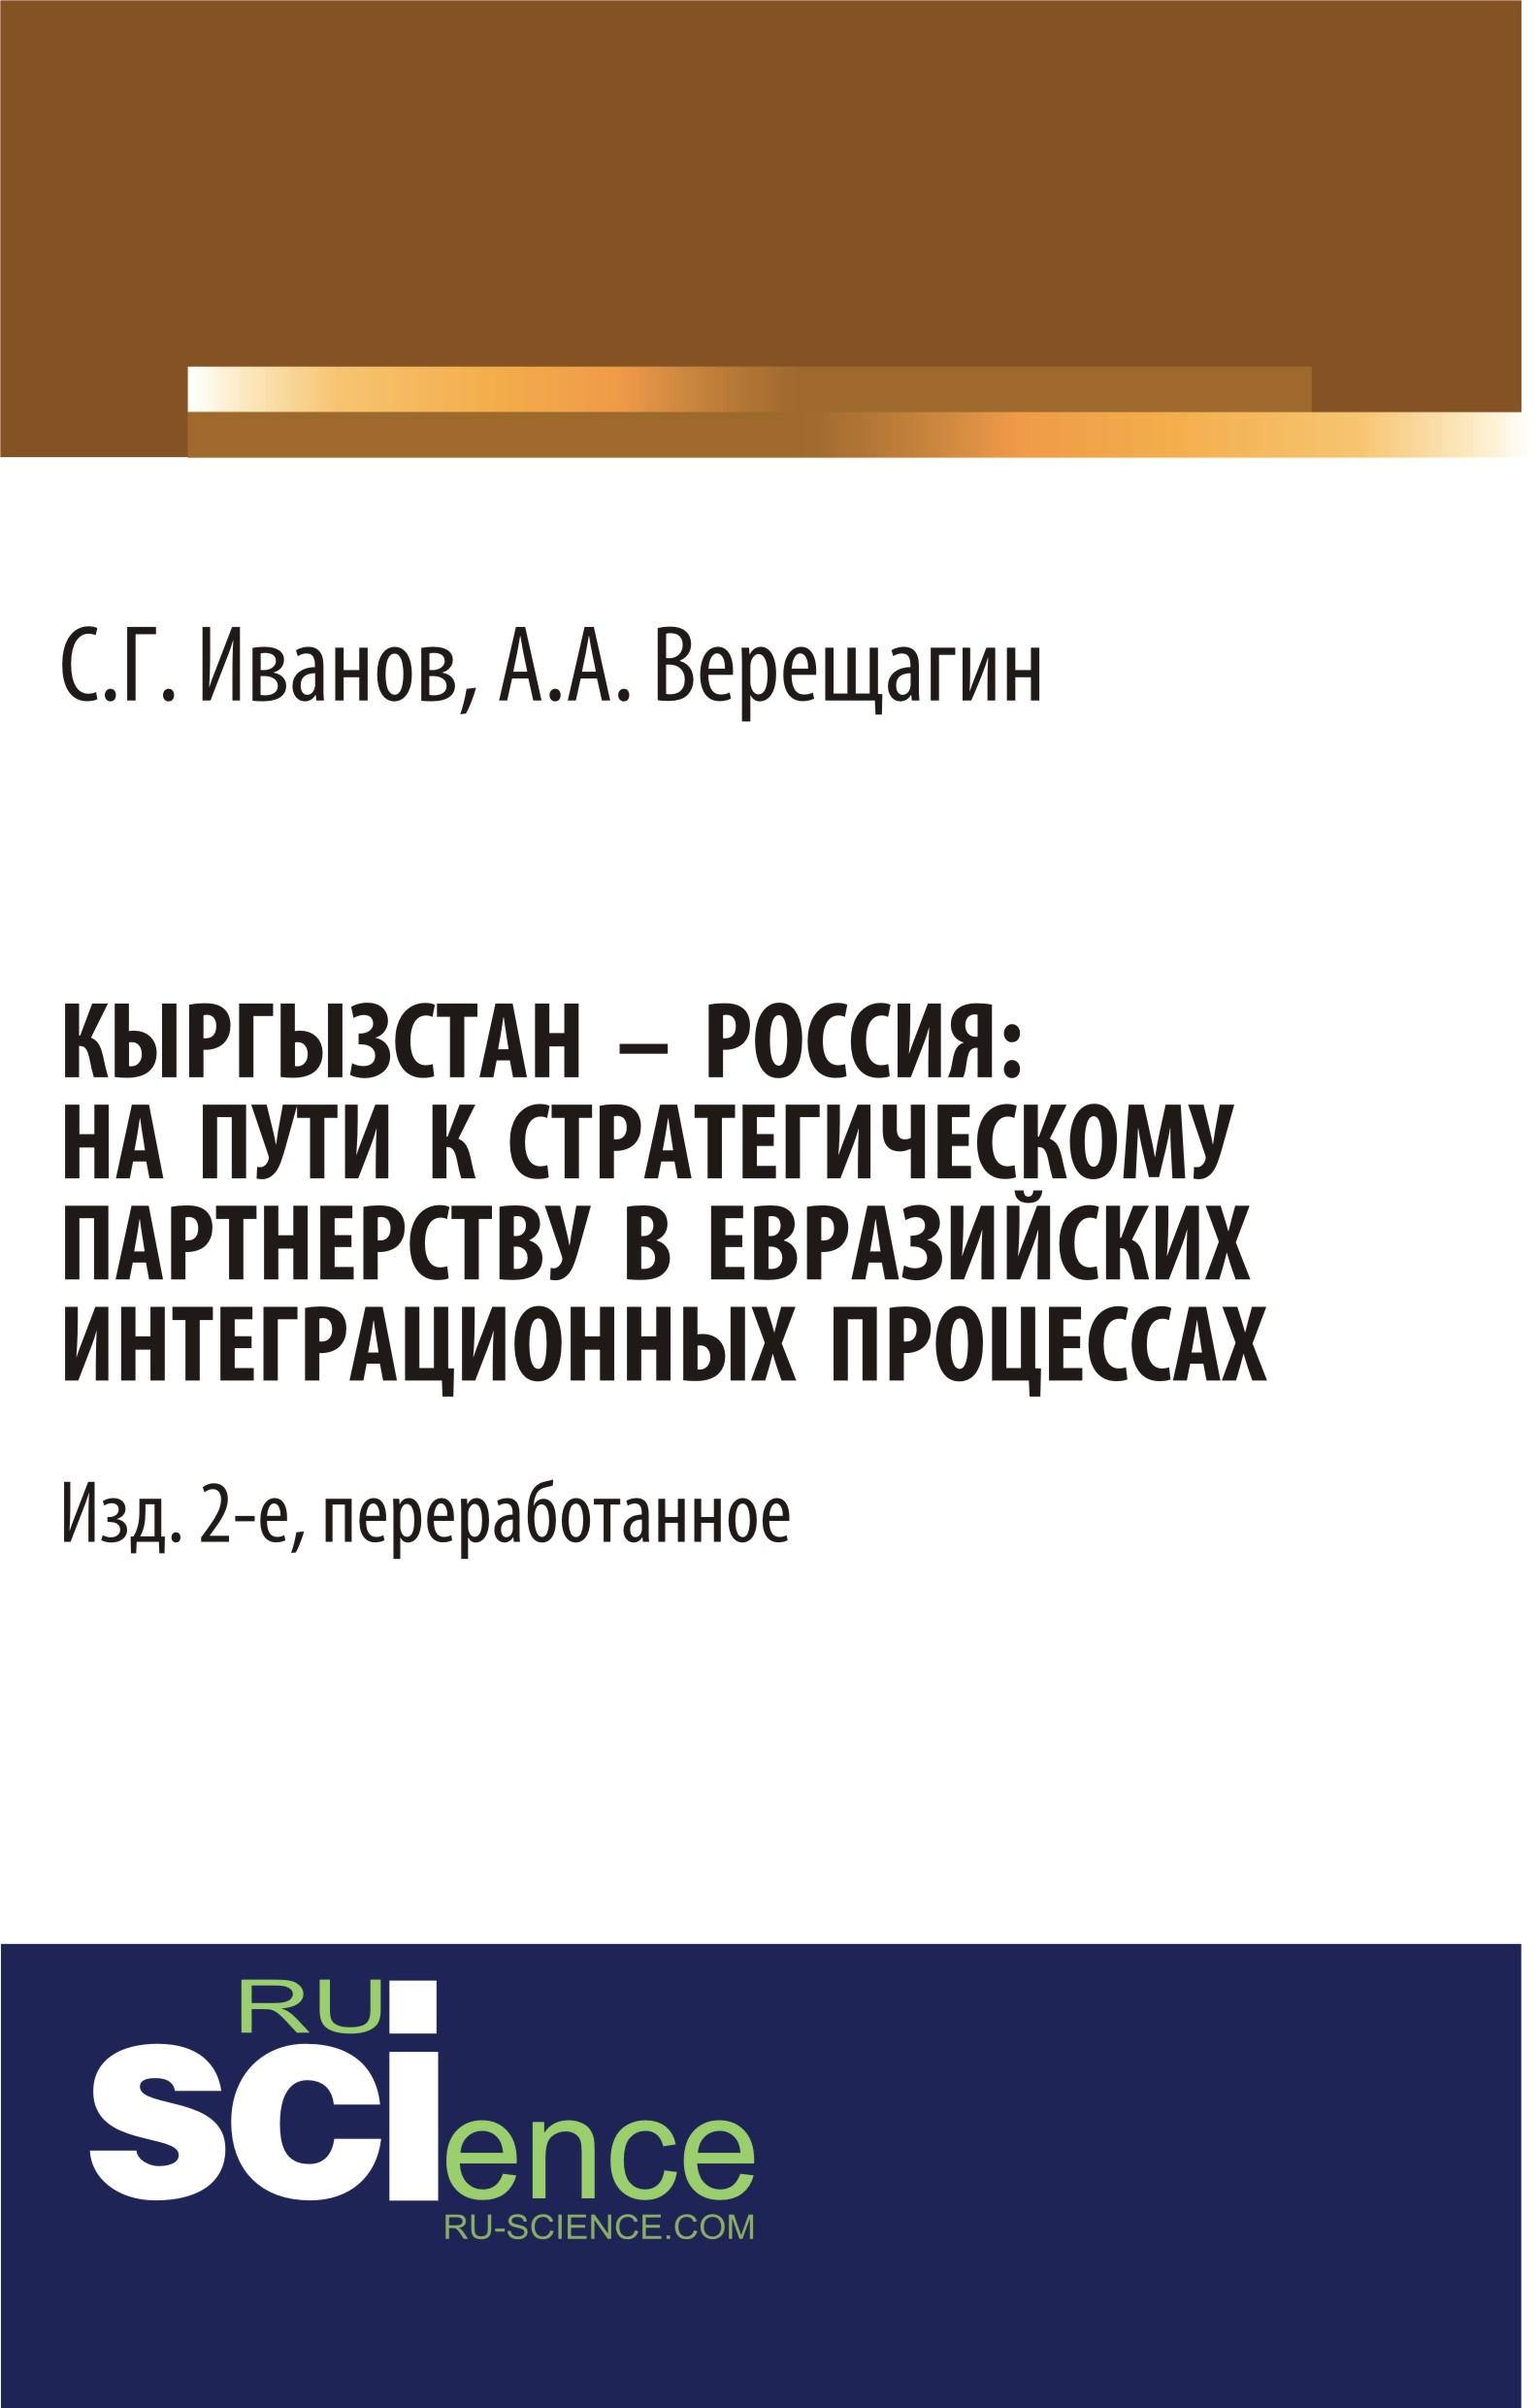 Кыргызстан - Россия. На пути к стратегическому партнёрству в евразийских интеграционных процессах